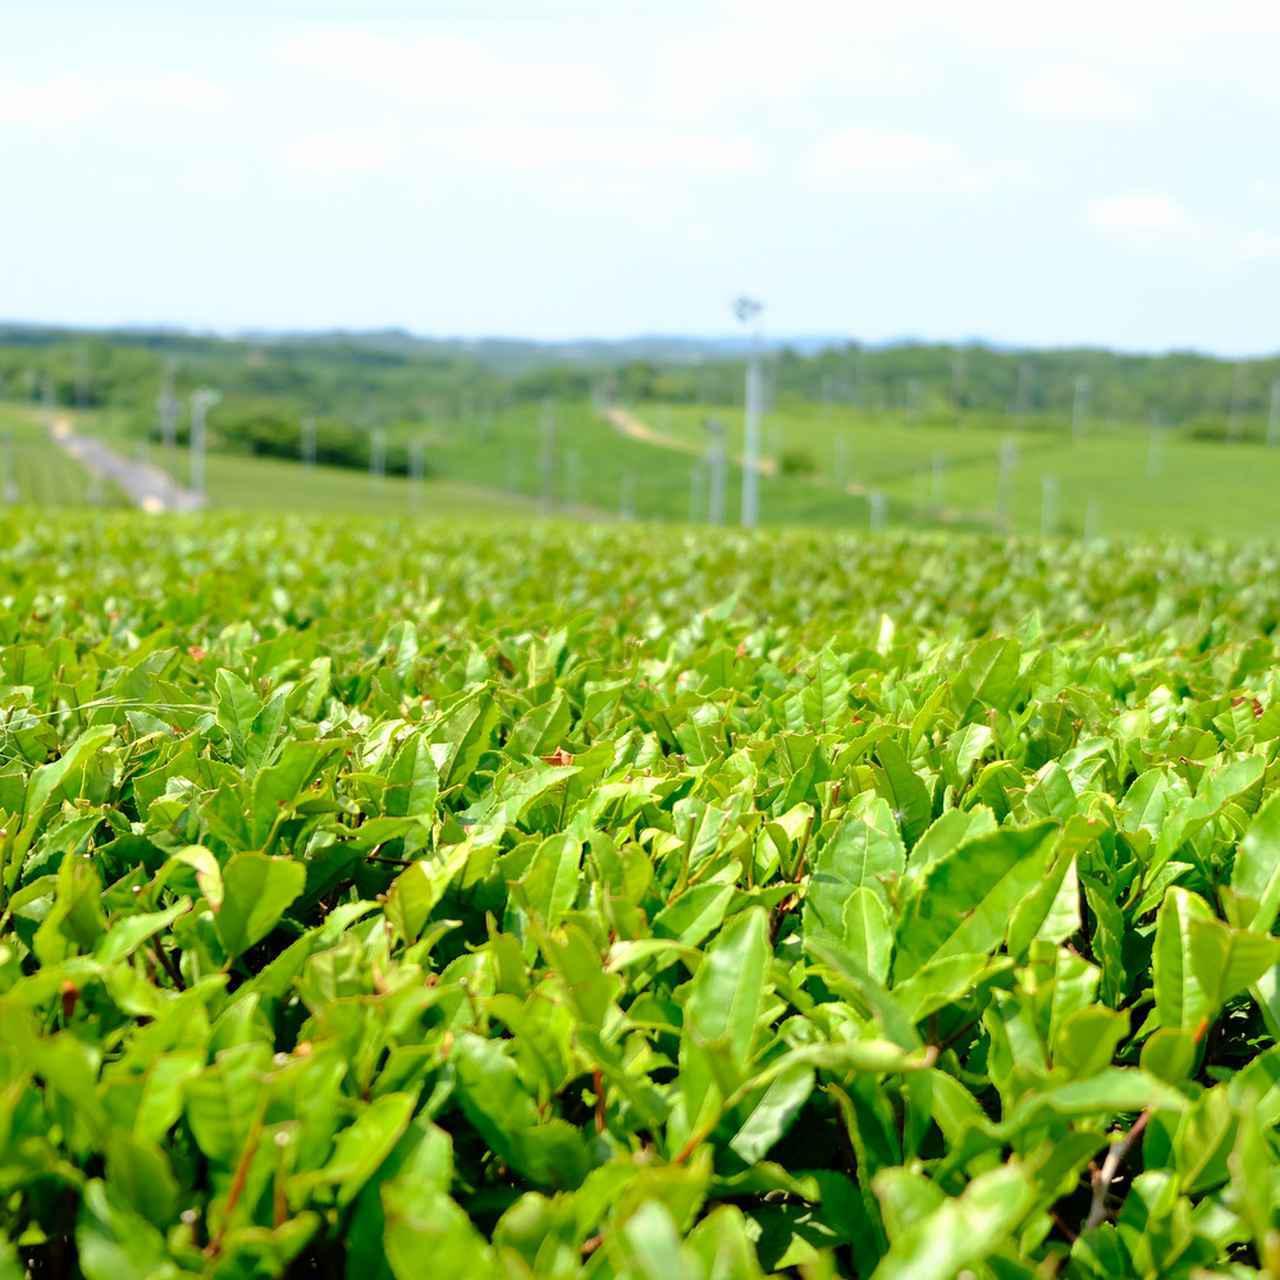 画像: 宇部市小野地区にある「藤河内茶園」は西日本最大の面積を持つ茶畑。5月の一番茶が刈り取られた畑では、2番茶の生育・刈り取りが始まっています。